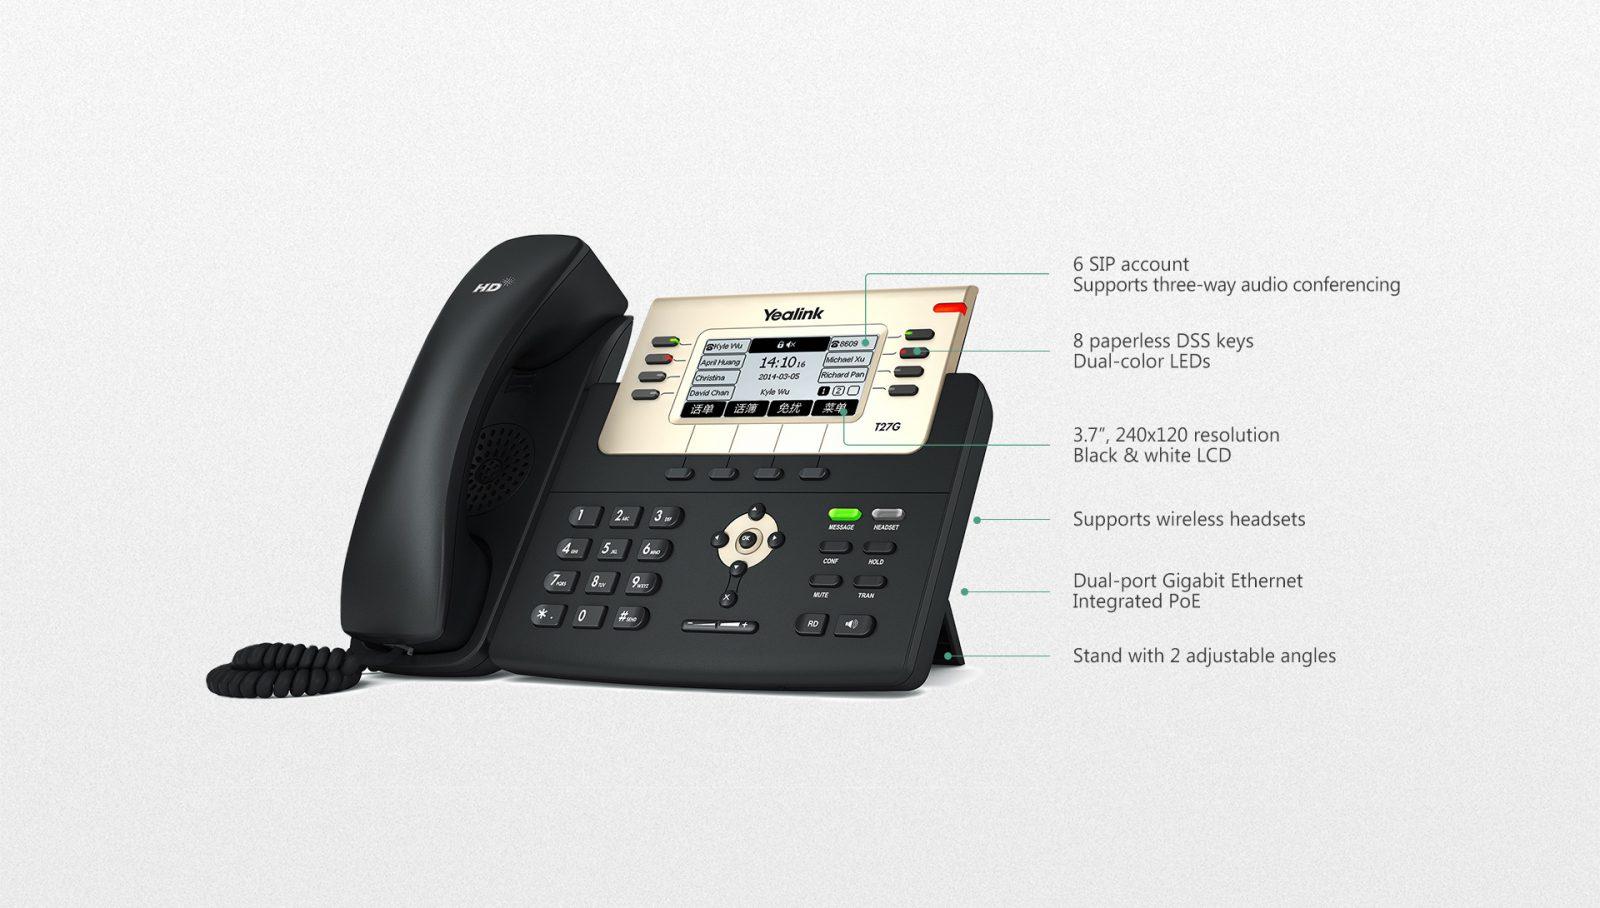 Yealink T27G IP Phone - Hong Kong Hotline: 39001988 - Matrix Technology (HK) Ltd